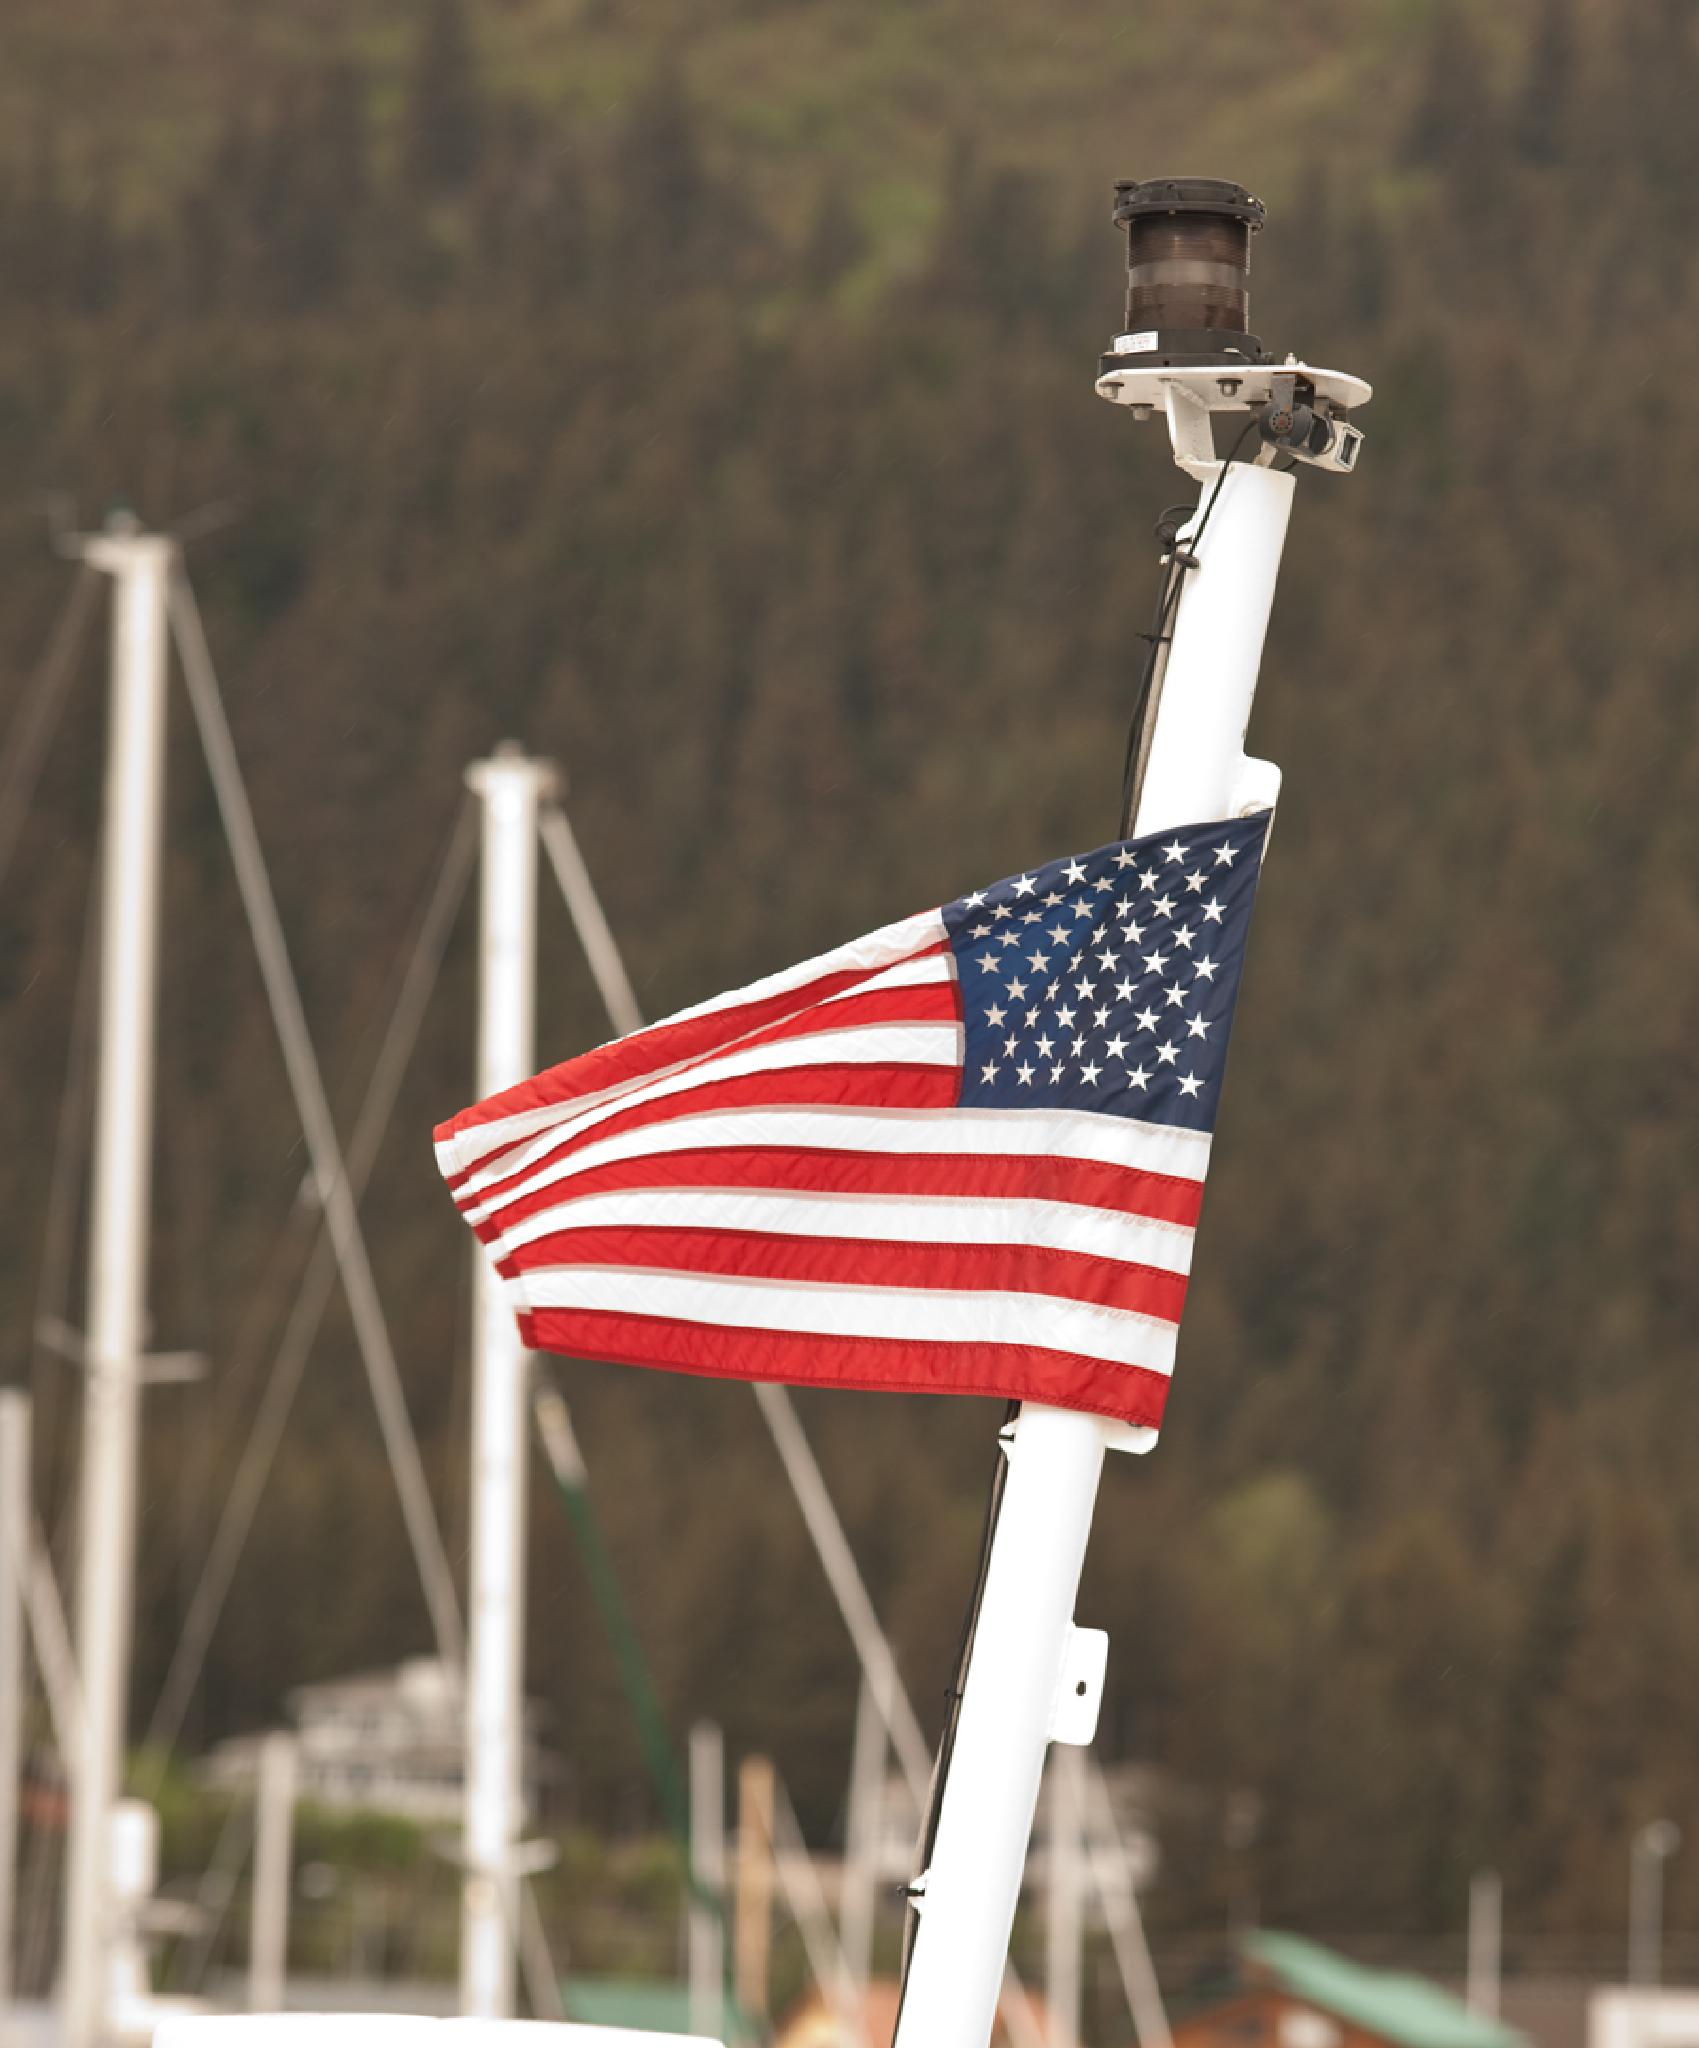 Flying the flag by debra.louden1